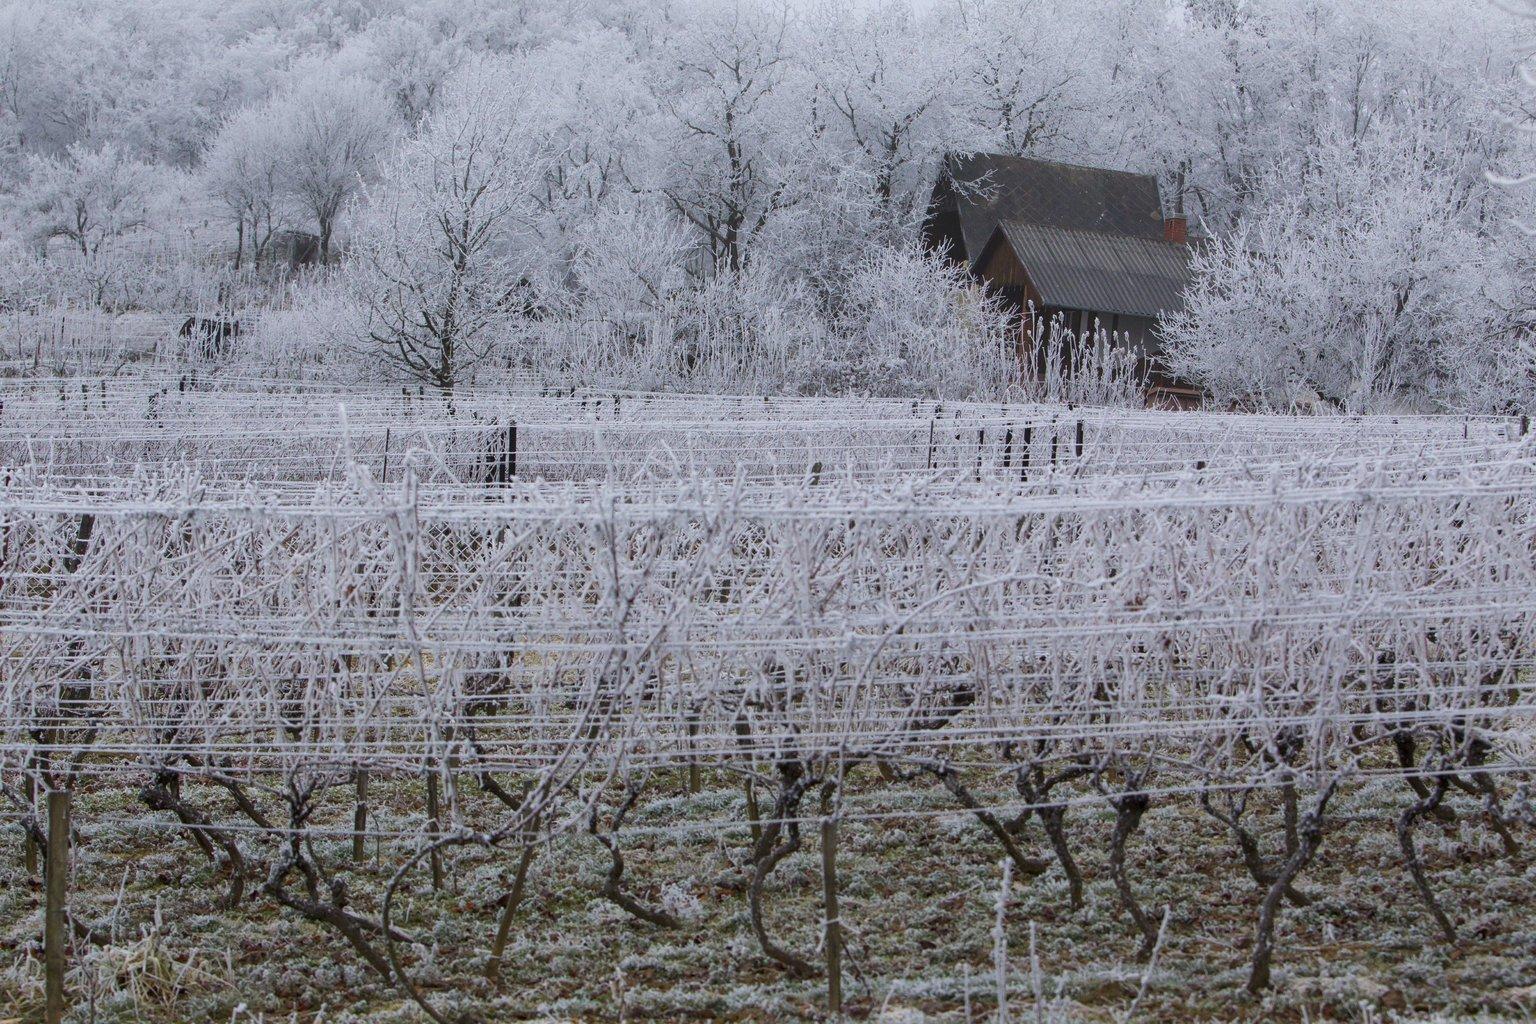 Deres szőlőültetvény és fák a Zala megyei Kiscsehi közelében (MTI Fotó: Varga György)